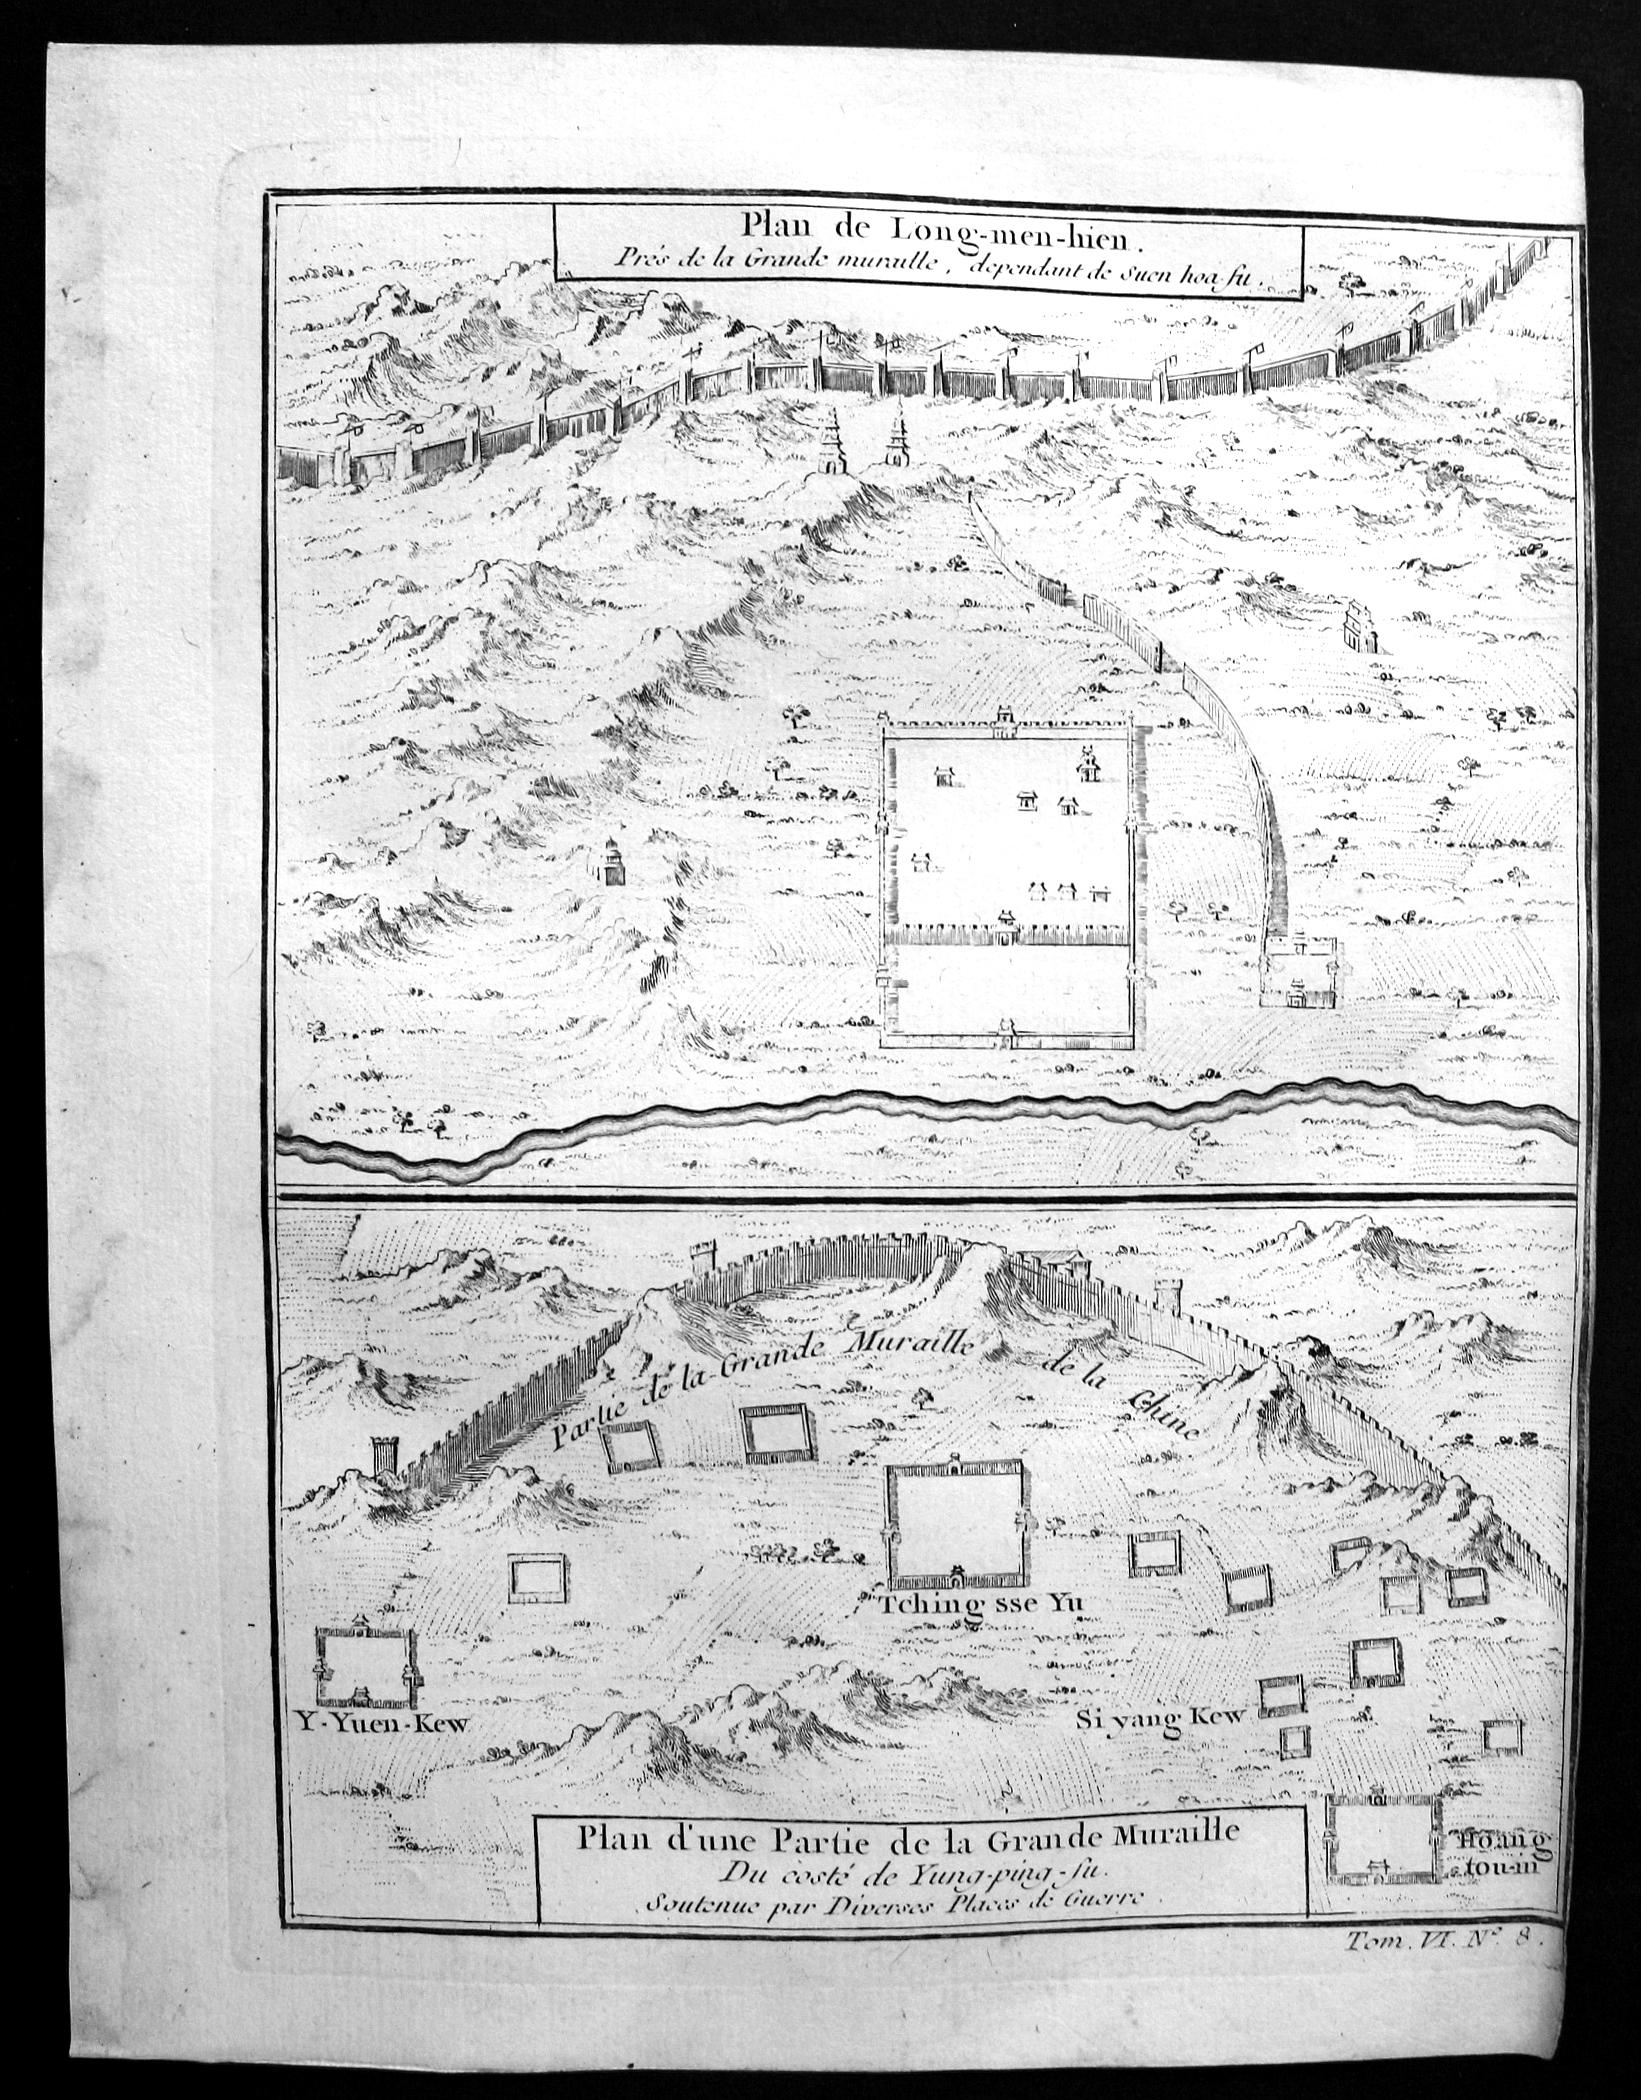 """Plan de Long-men-hien"""" - Longguan Hebei China: Bellin, Jacques-Nicolas:"""